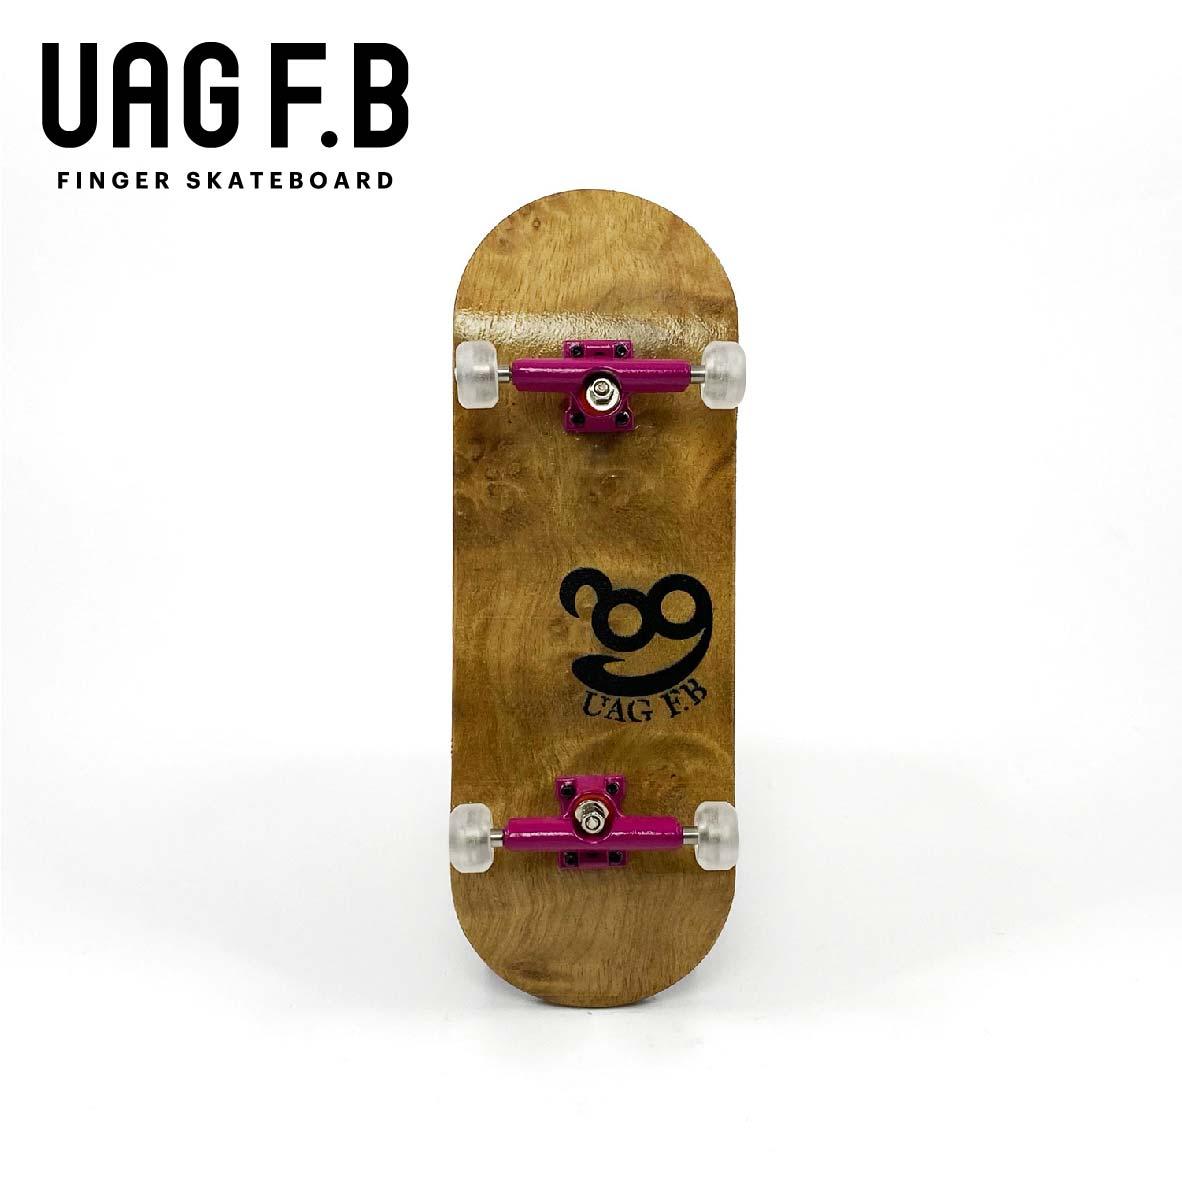 これから始めたい方にオススメ 価格とクオリティーにこだわったUAG F.Bの定番モデル 最新号掲載アイテム UAG F.B 《UAG リミテッドコンプリート》 Birds board 美品 指スケ skate eye finger